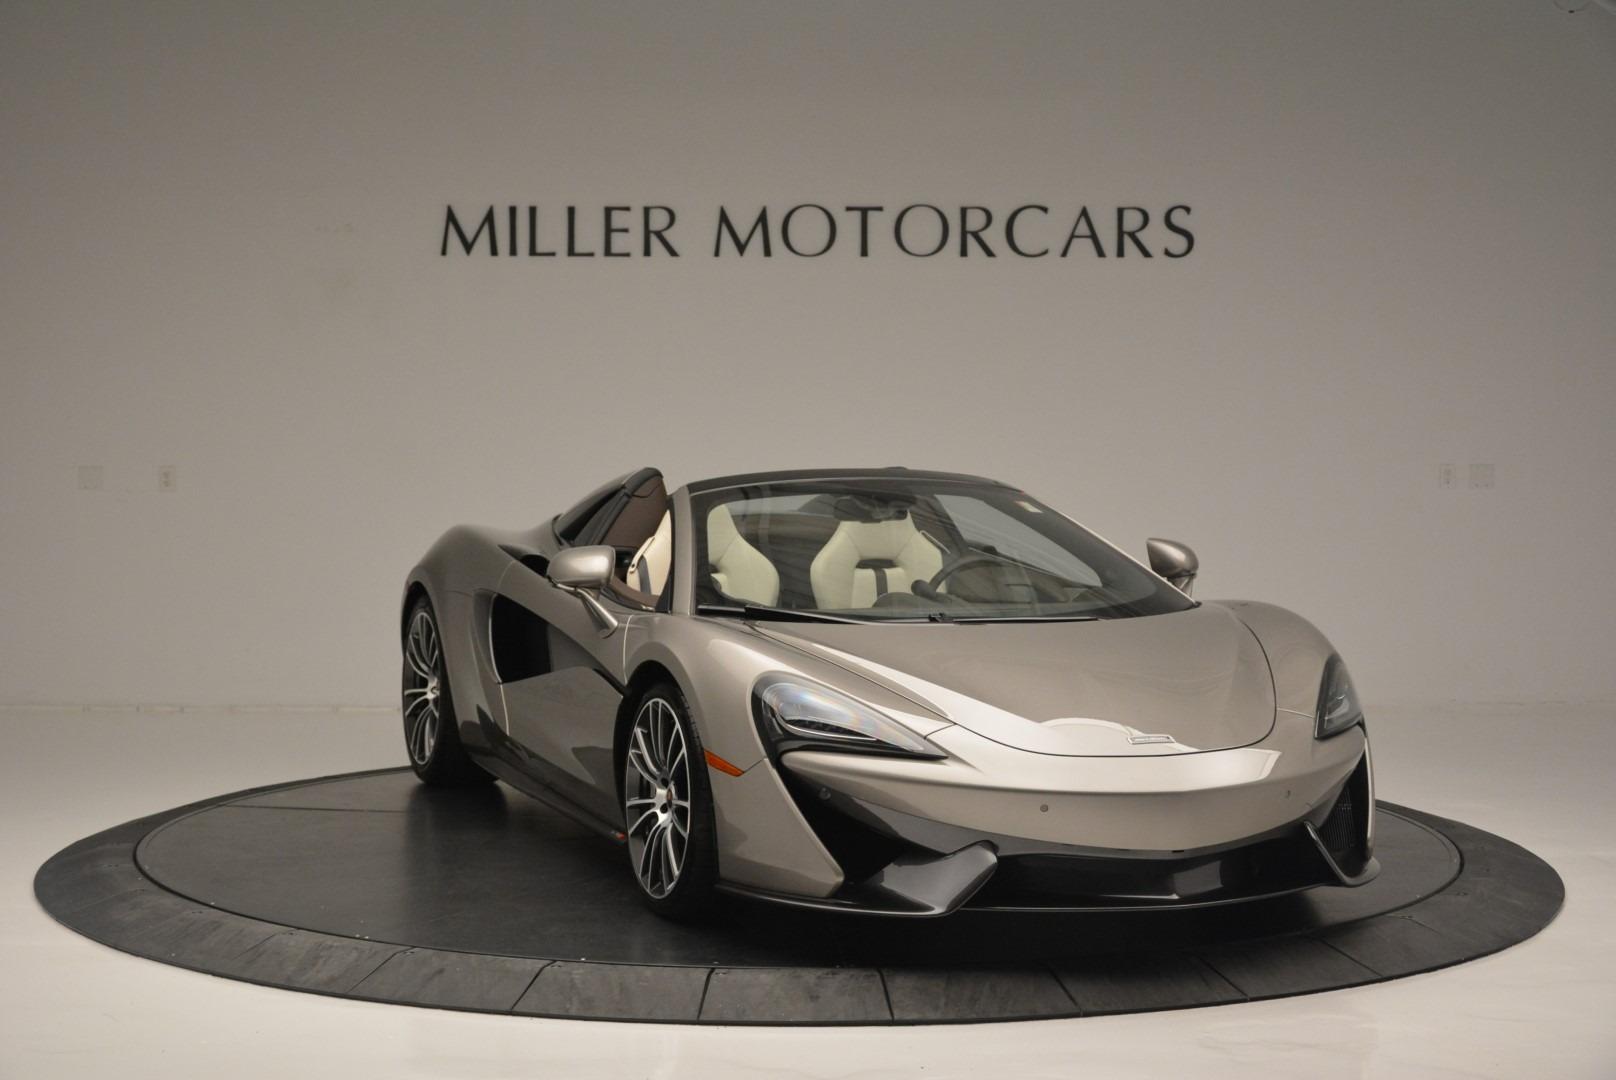 New 2018 McLaren 570S Spider For Sale In Westport, CT 2387_p11